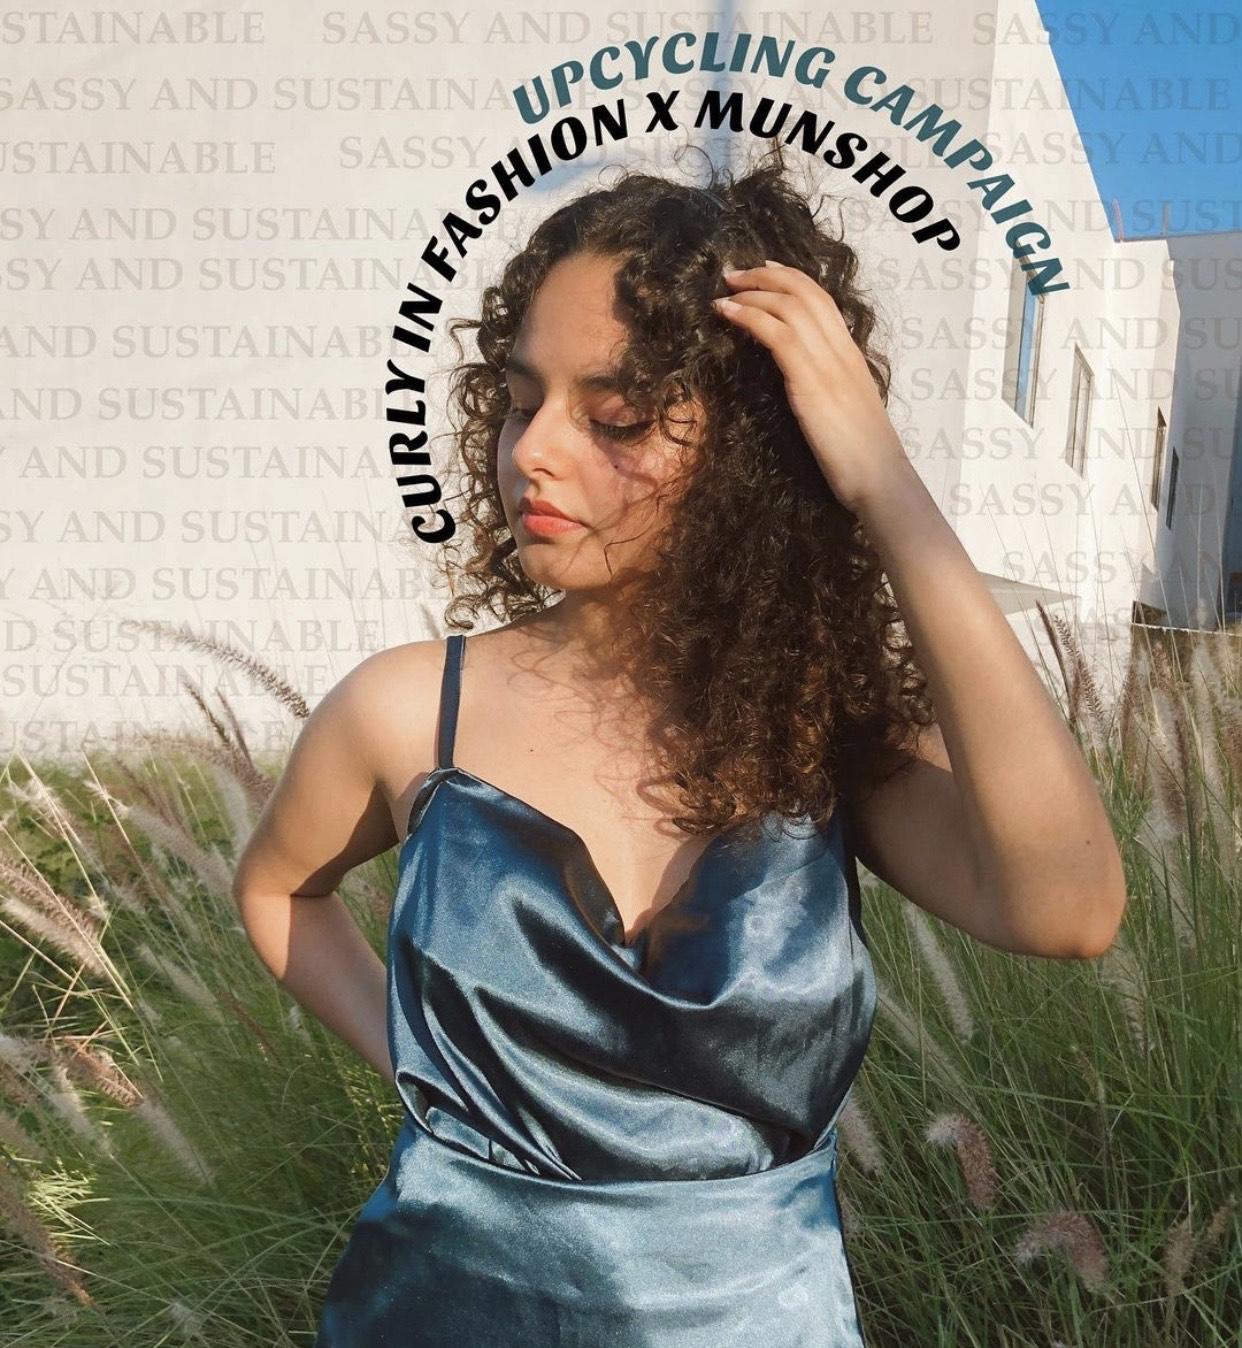 Presentación de diseños propios en la Facultad de Artes Visuales en la Universidad Autónoma de Nuevo León - Foto por Curly In Fashion